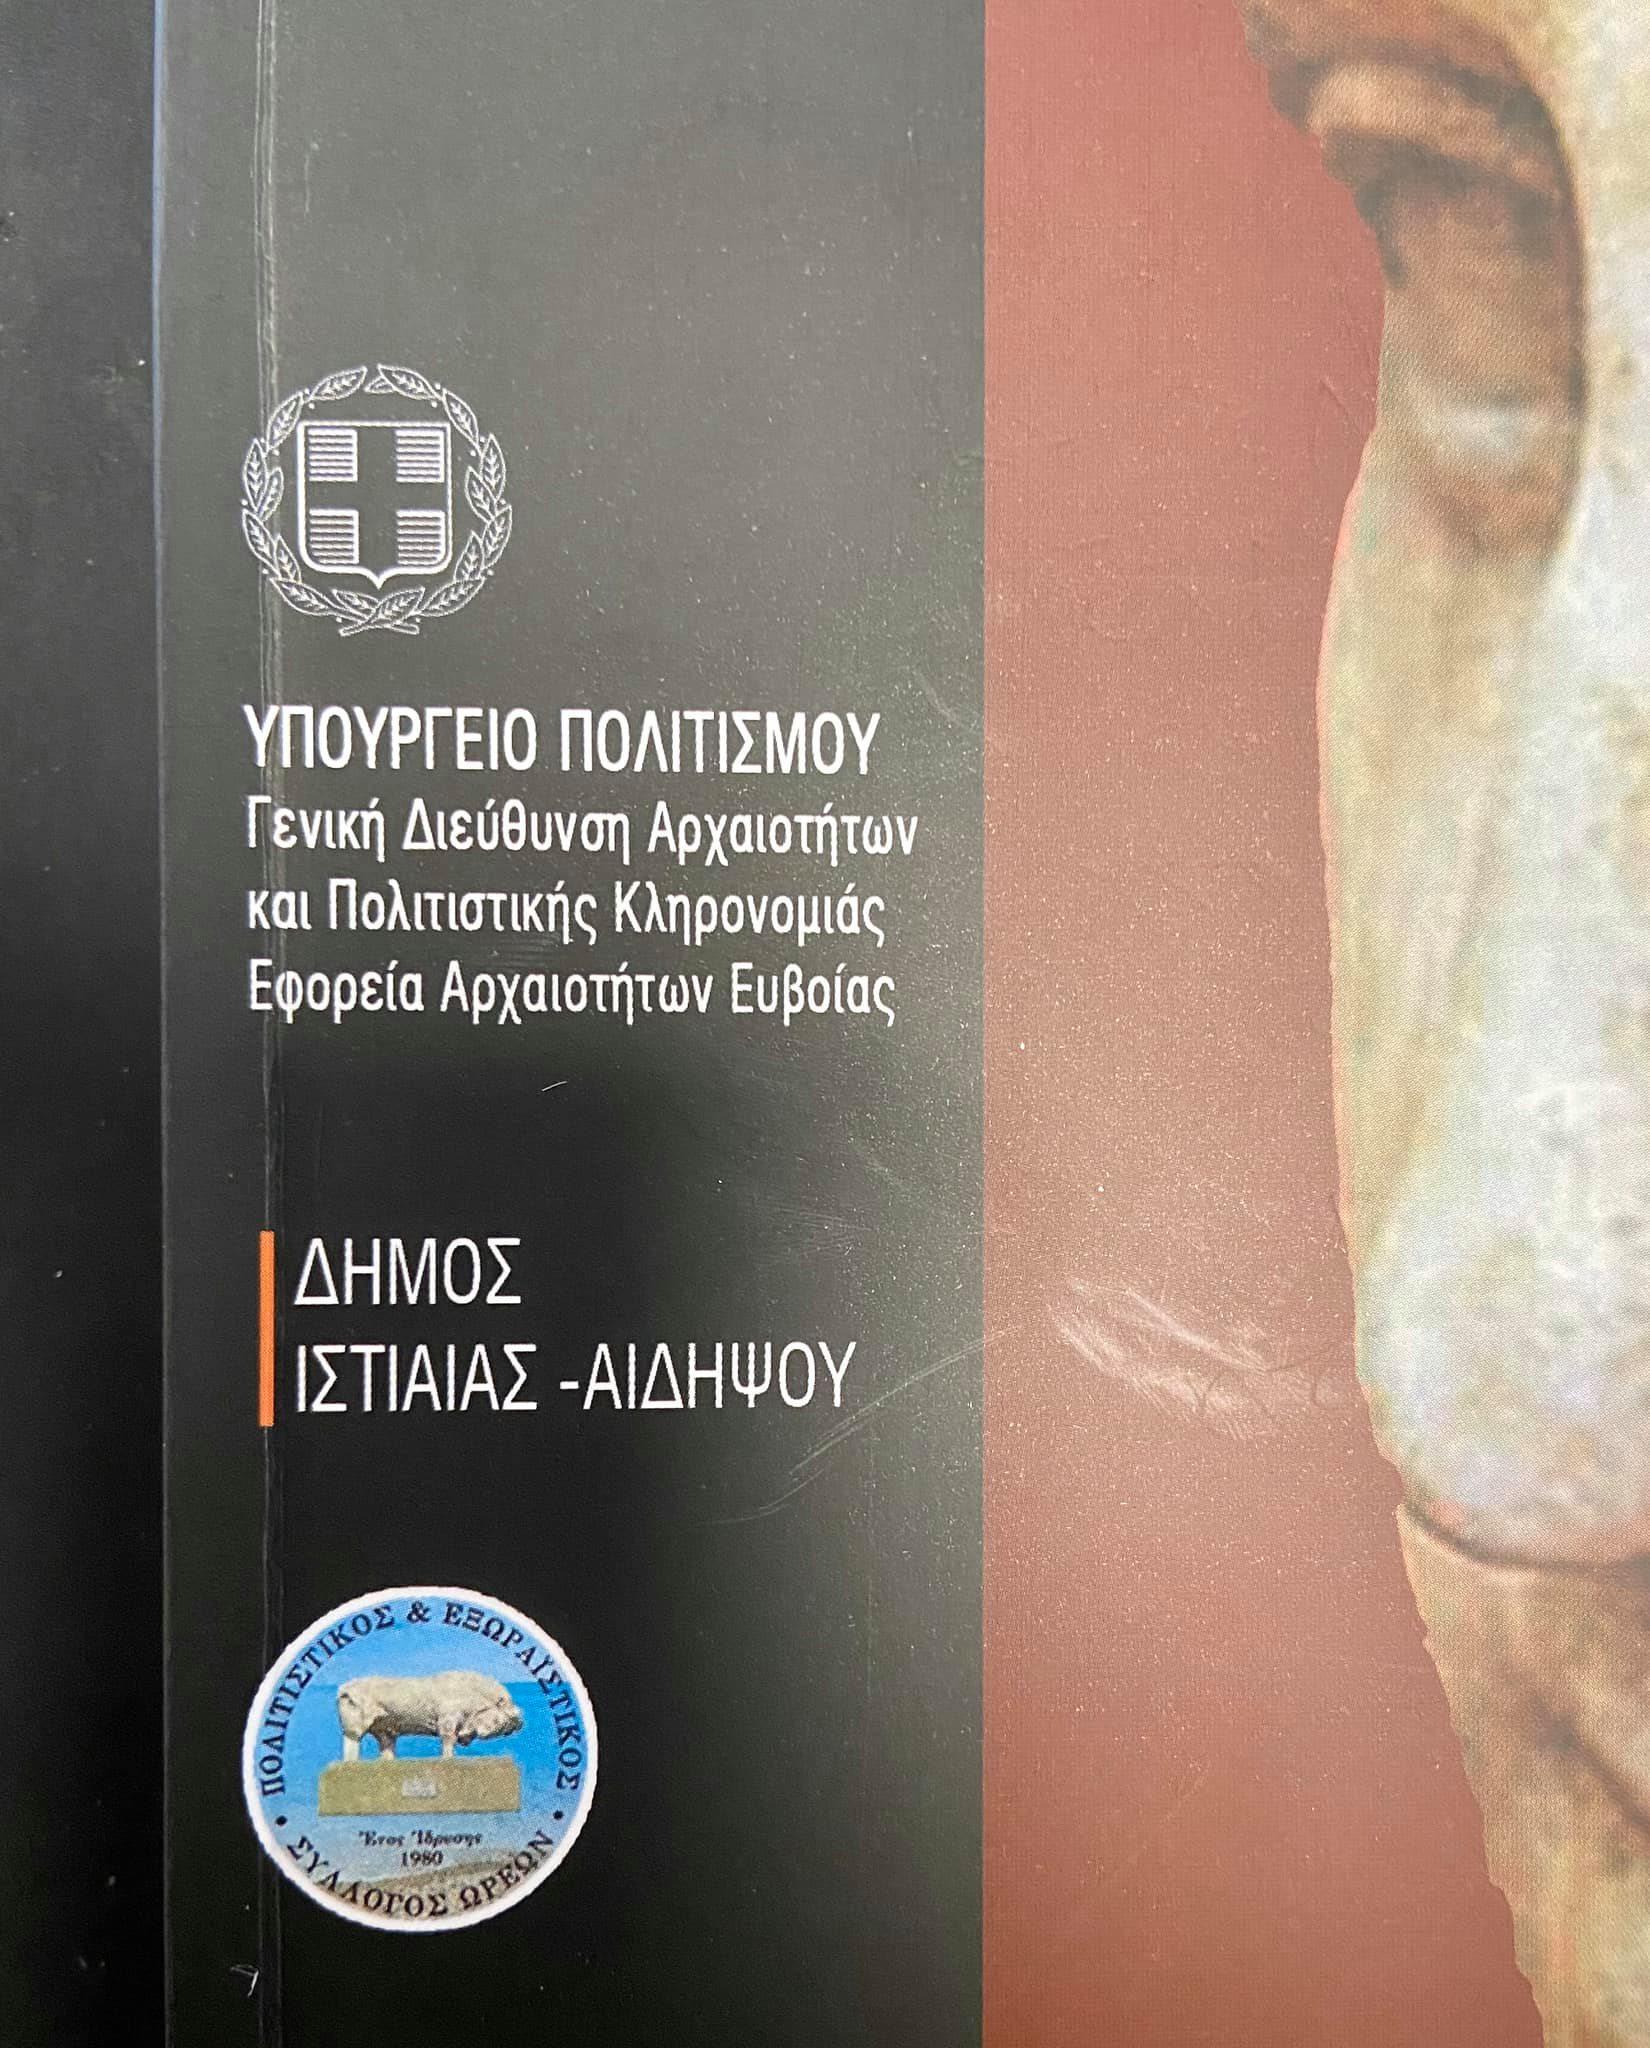 Β.Εύβοια: Κοντζιάς, Εφ.Αρχαιοτήτων Εύβοιας και Σύλλογος Ωρεών φέρνουν σπουδαίο αποτέλεσμα για τον Πολιτισμό